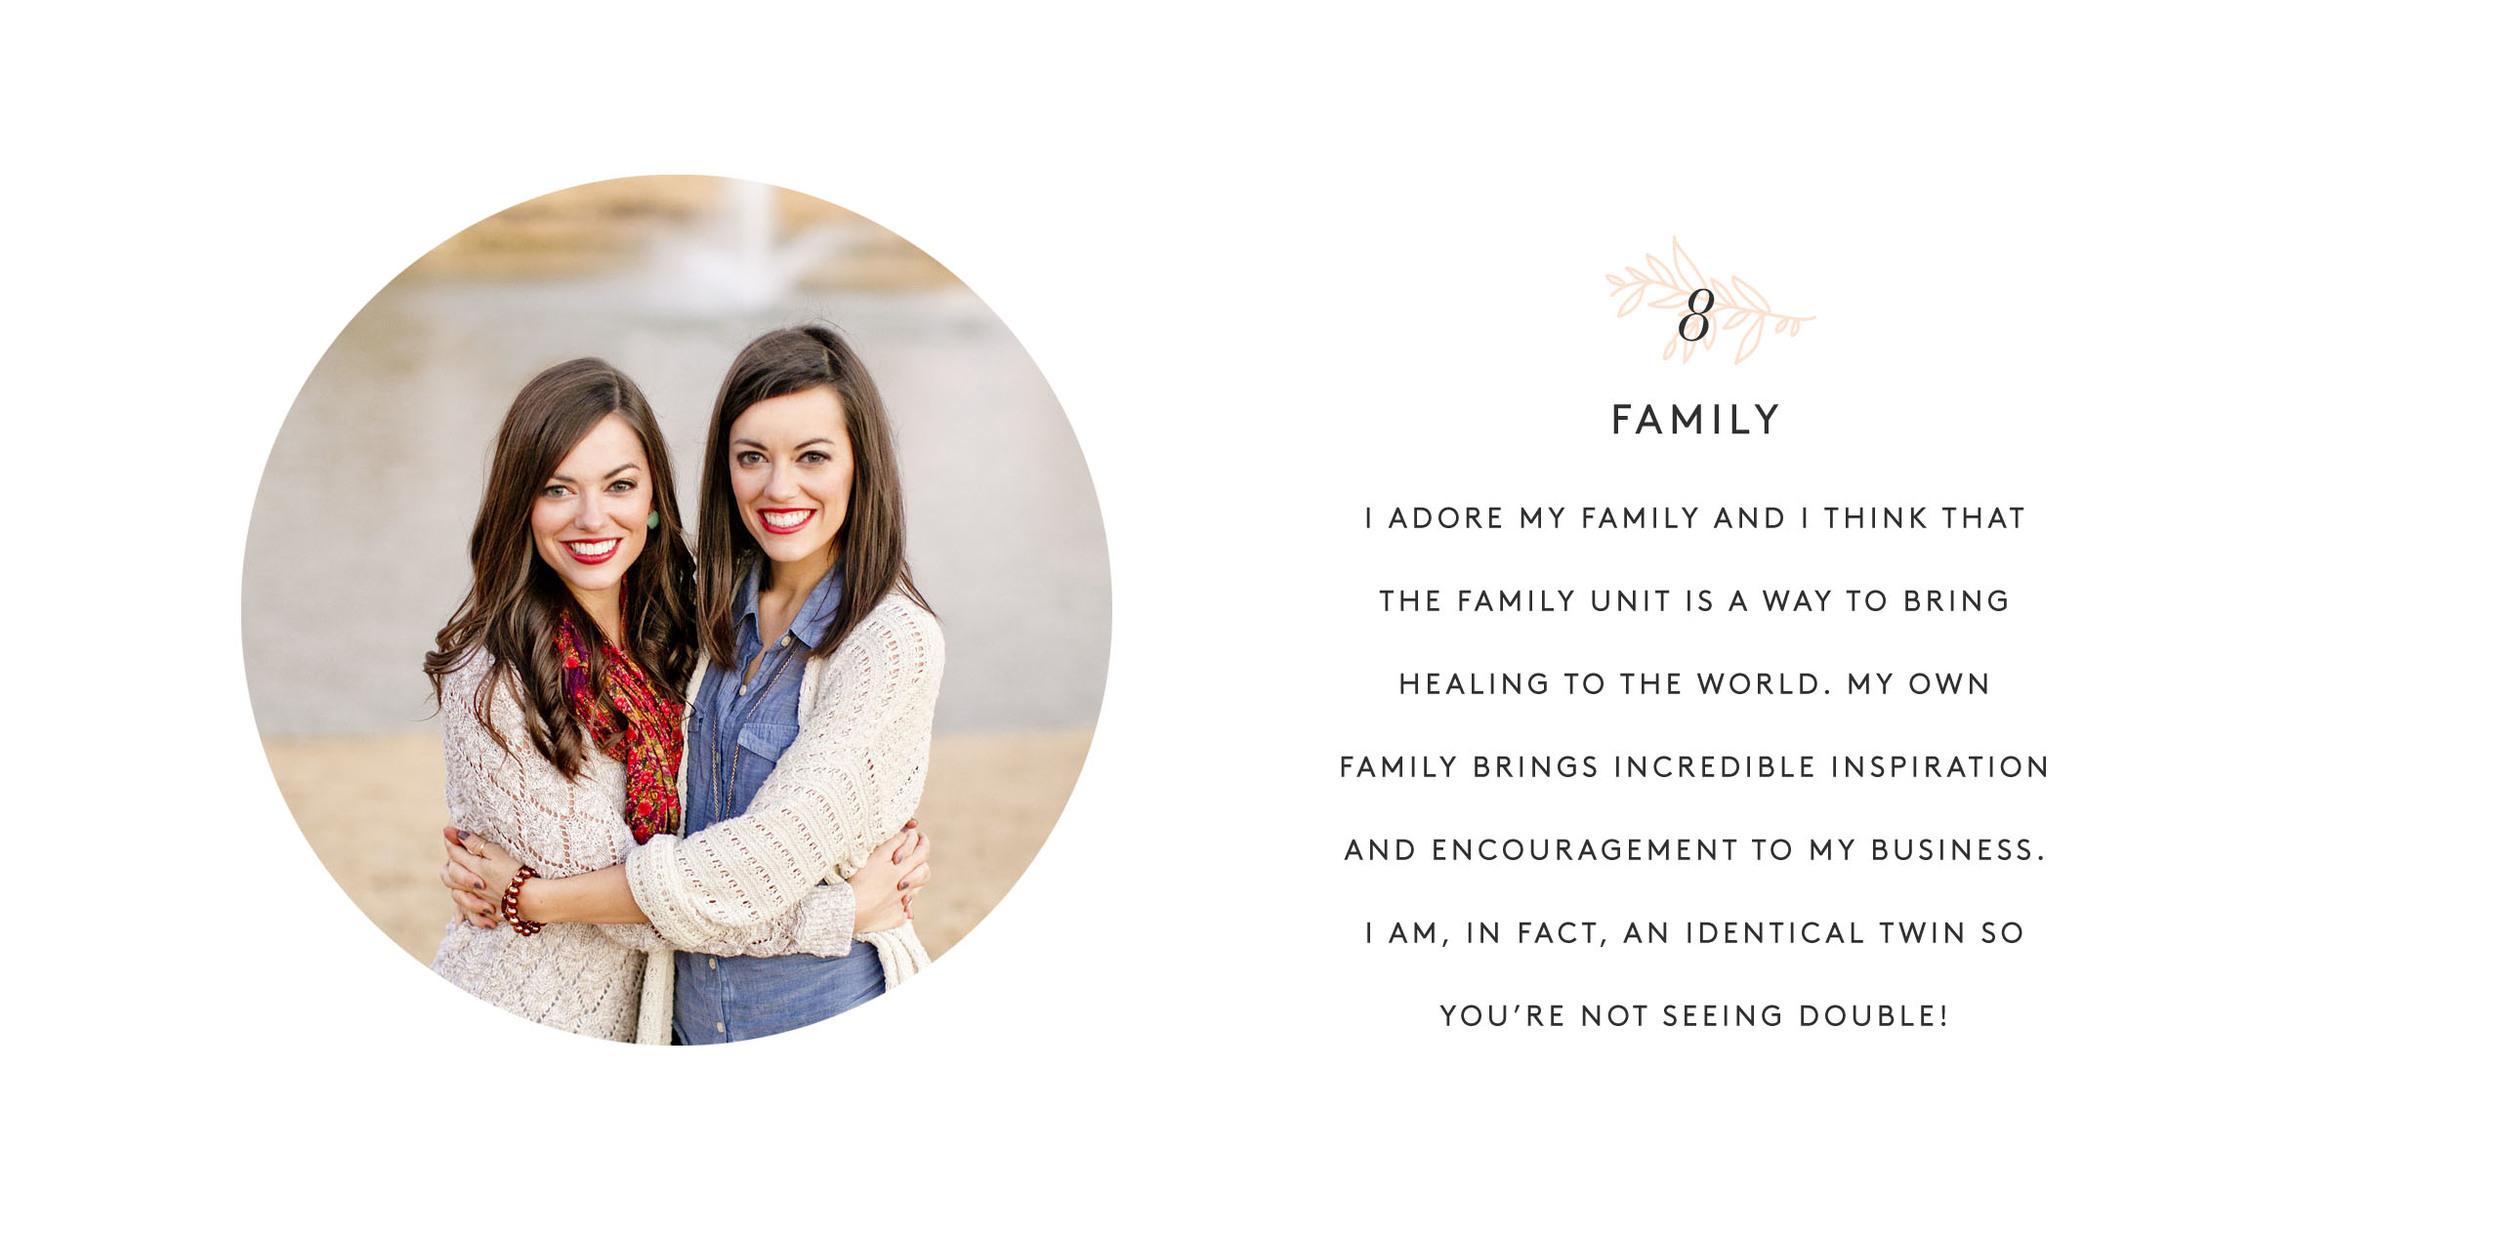 Inspiration-family.jpg